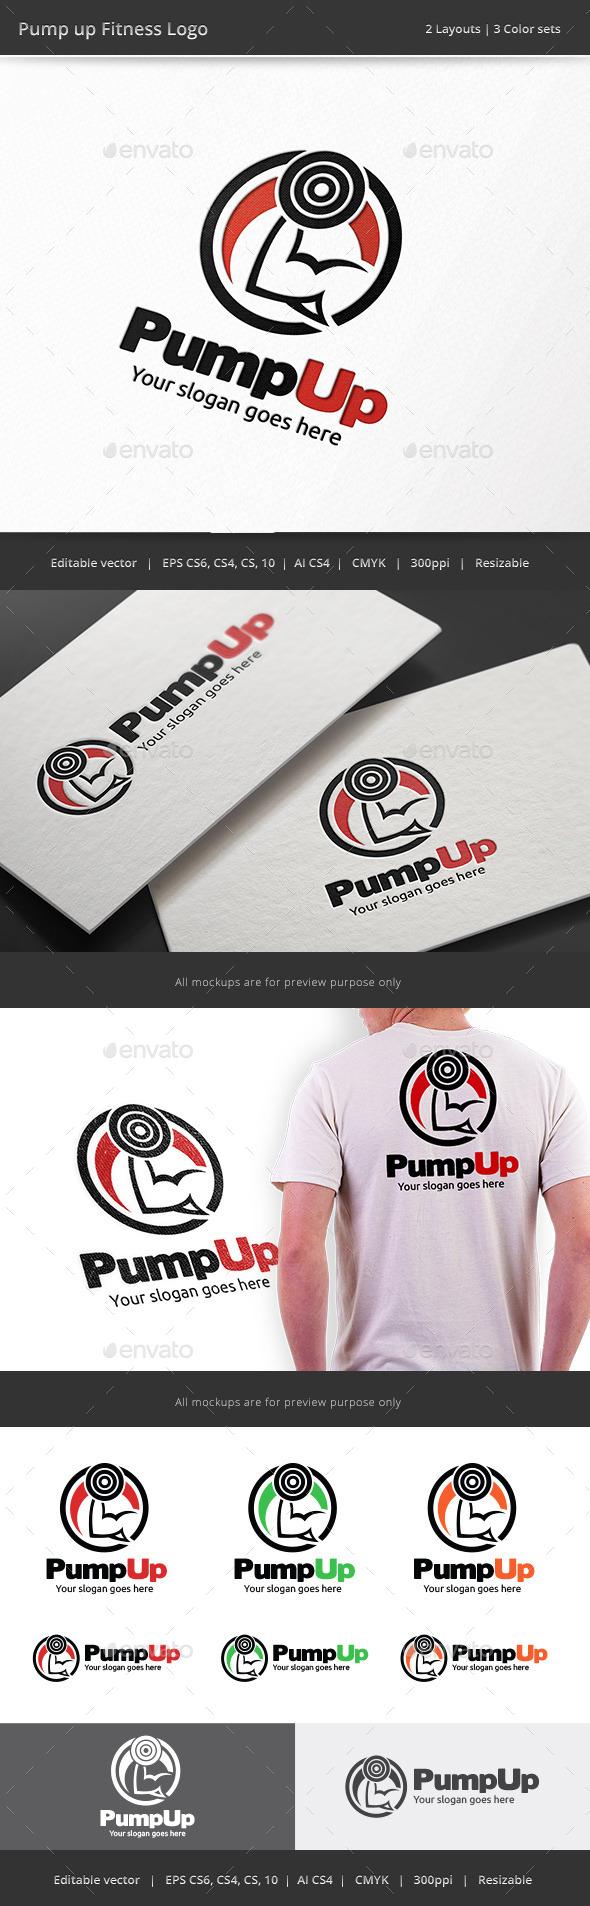 GraphicRiver Pump Up Fitness Logo 8896226